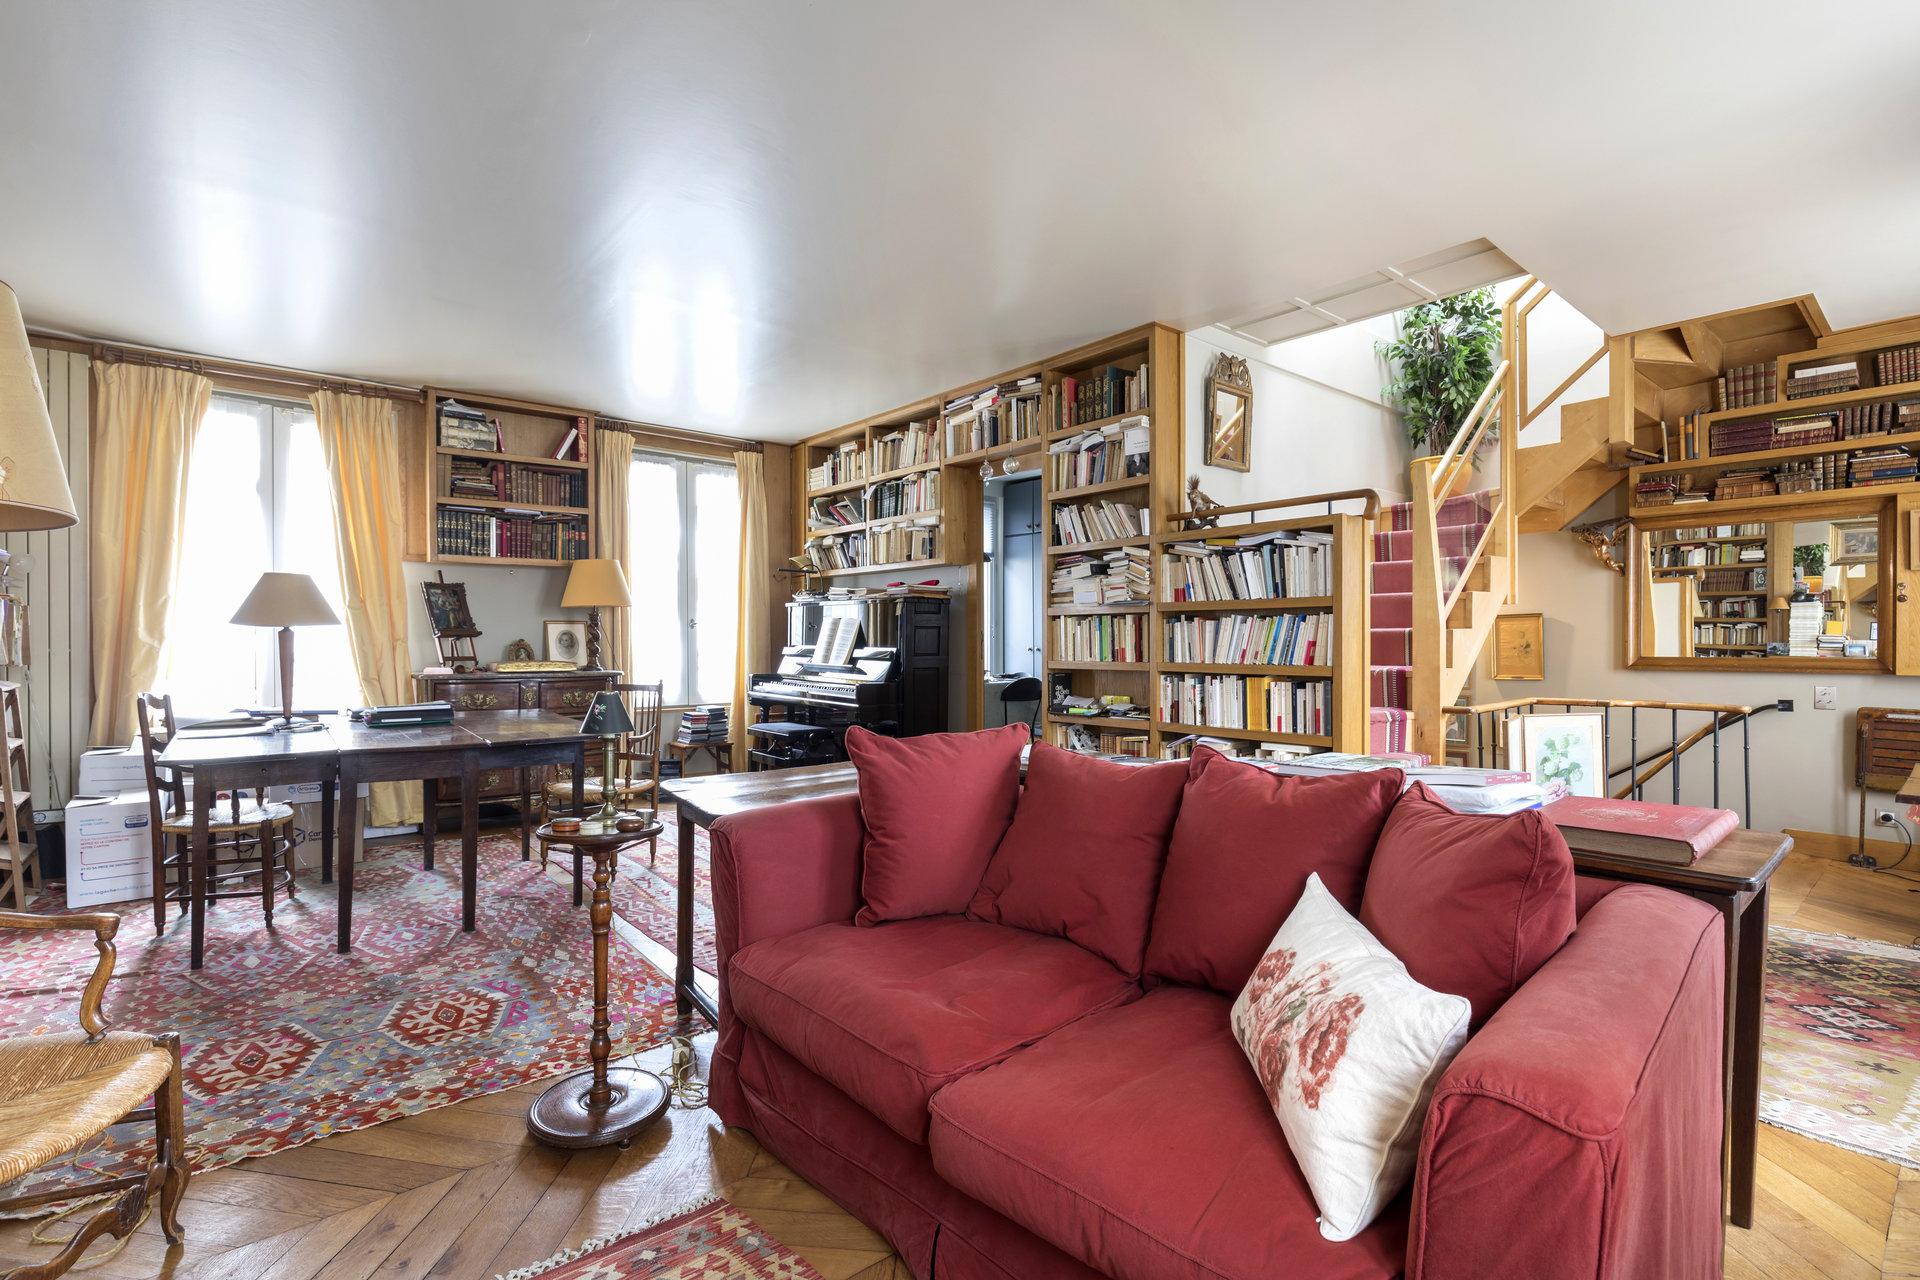 Sale Apartment Paris 14th Petit-Montrouge